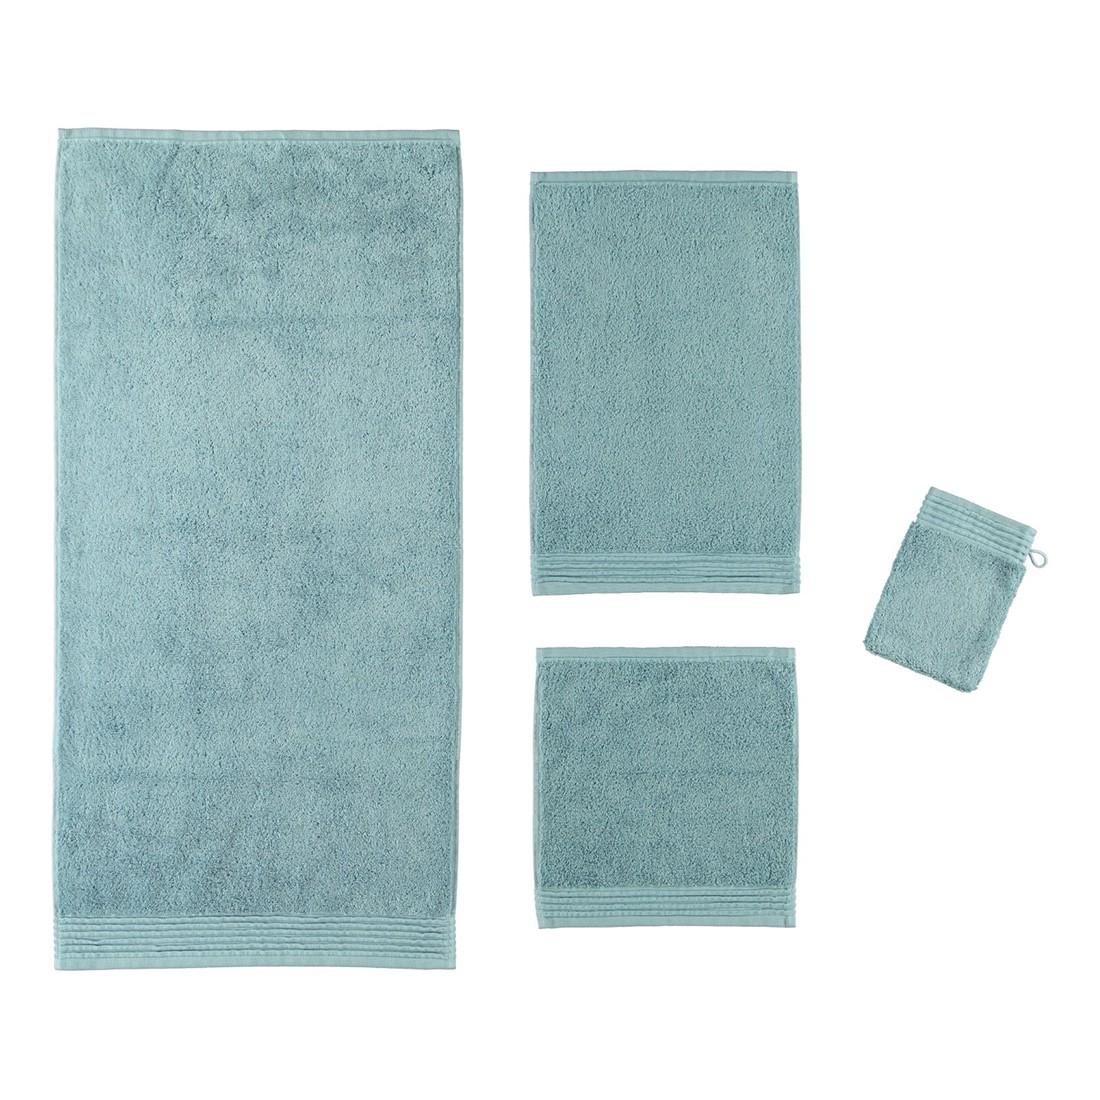 Handtuch LOFT – 100% Baumwolle arctic – 530 – Handtuch: 50 x 100 cm, Möve kaufen